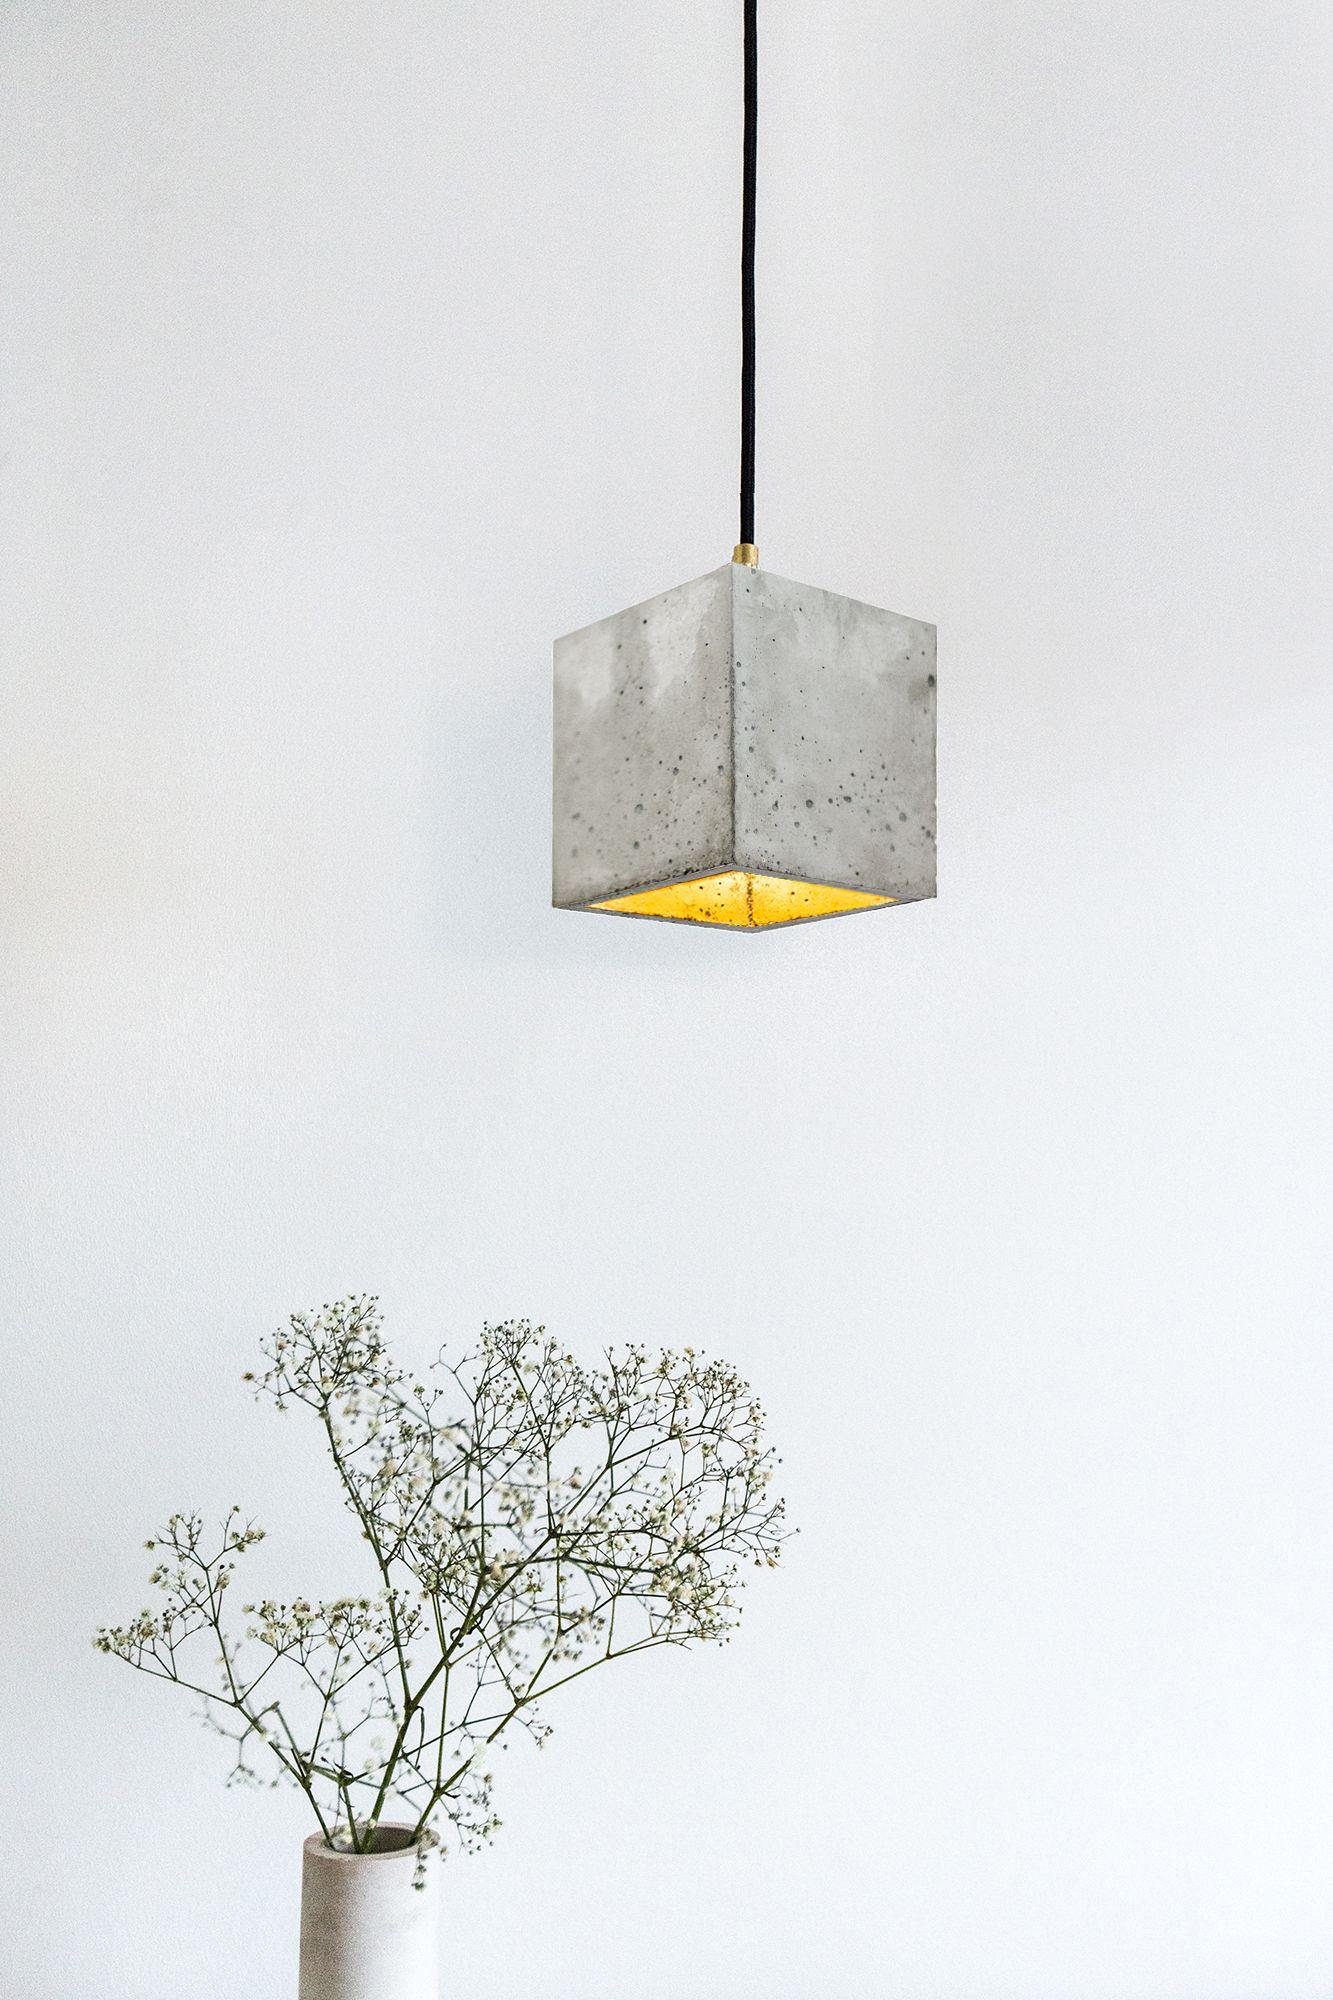 Beton Lampe beton #lampe #hängelampe design #leuchte [b1] gantstefan gant